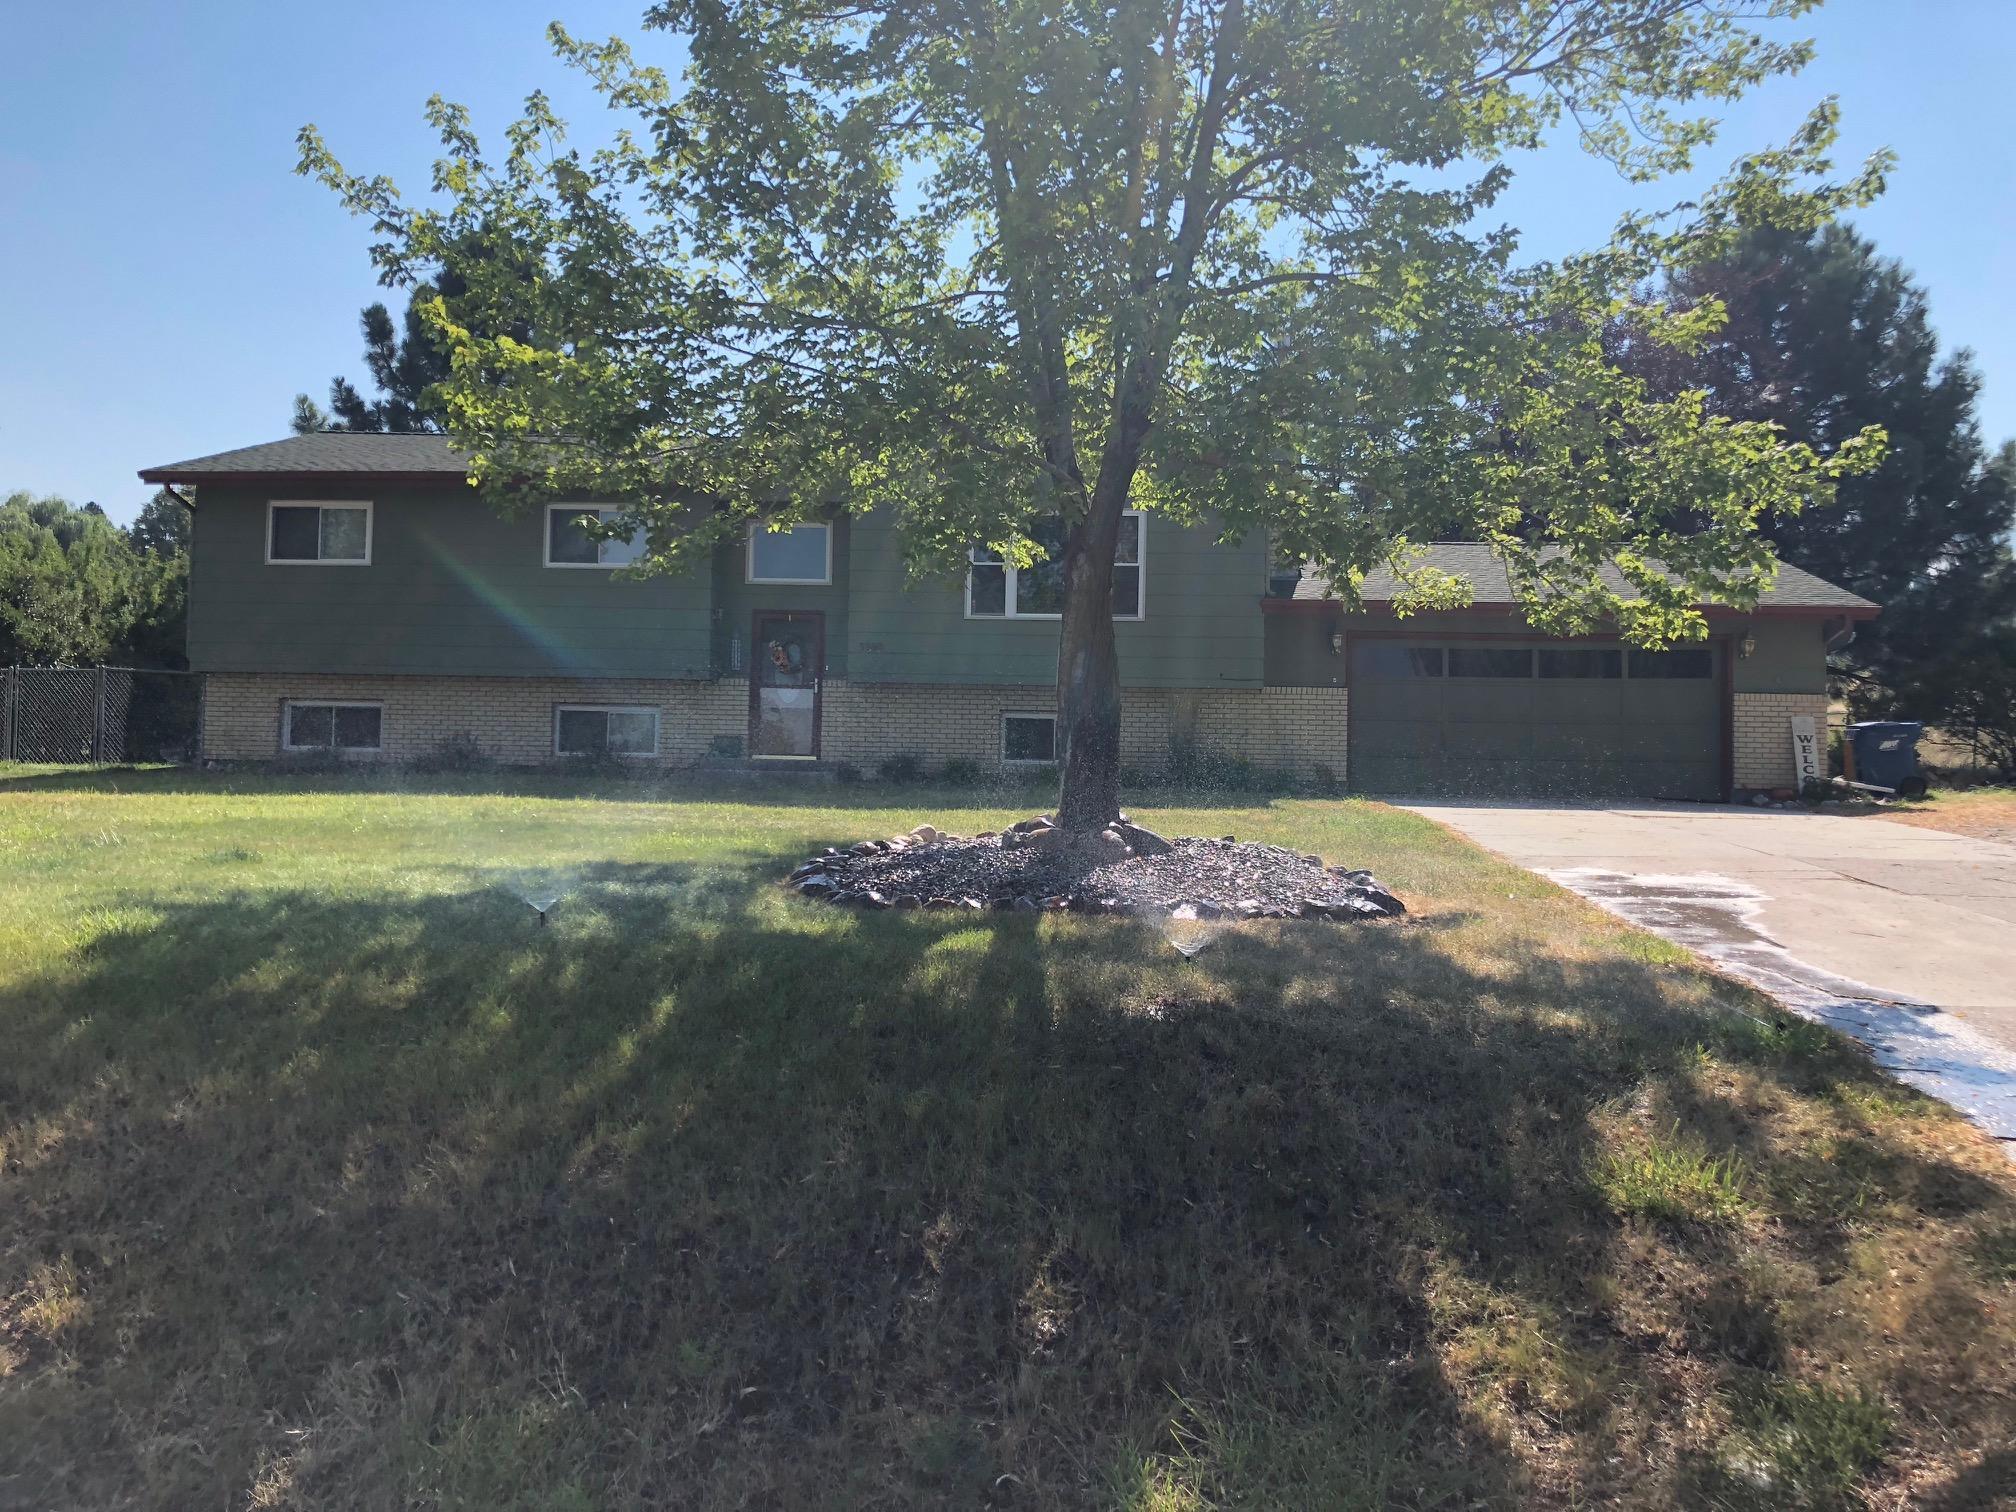 5980 Gharrett Street, Missoula, MT 59803